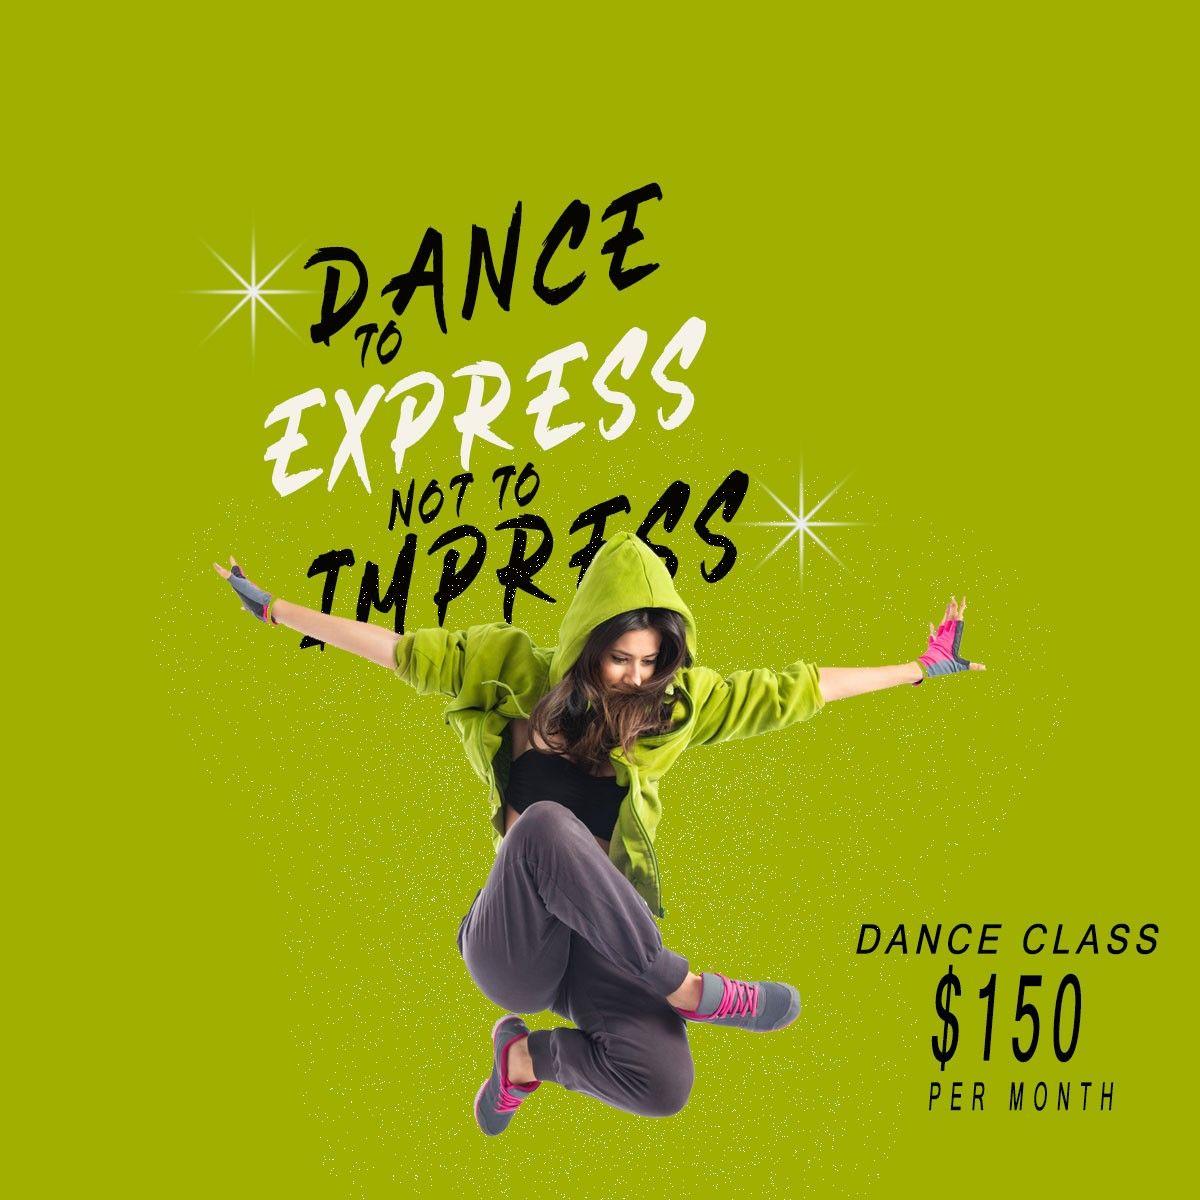 Dance Class Banners Design Class Poster Design Class Poster Dance Poster